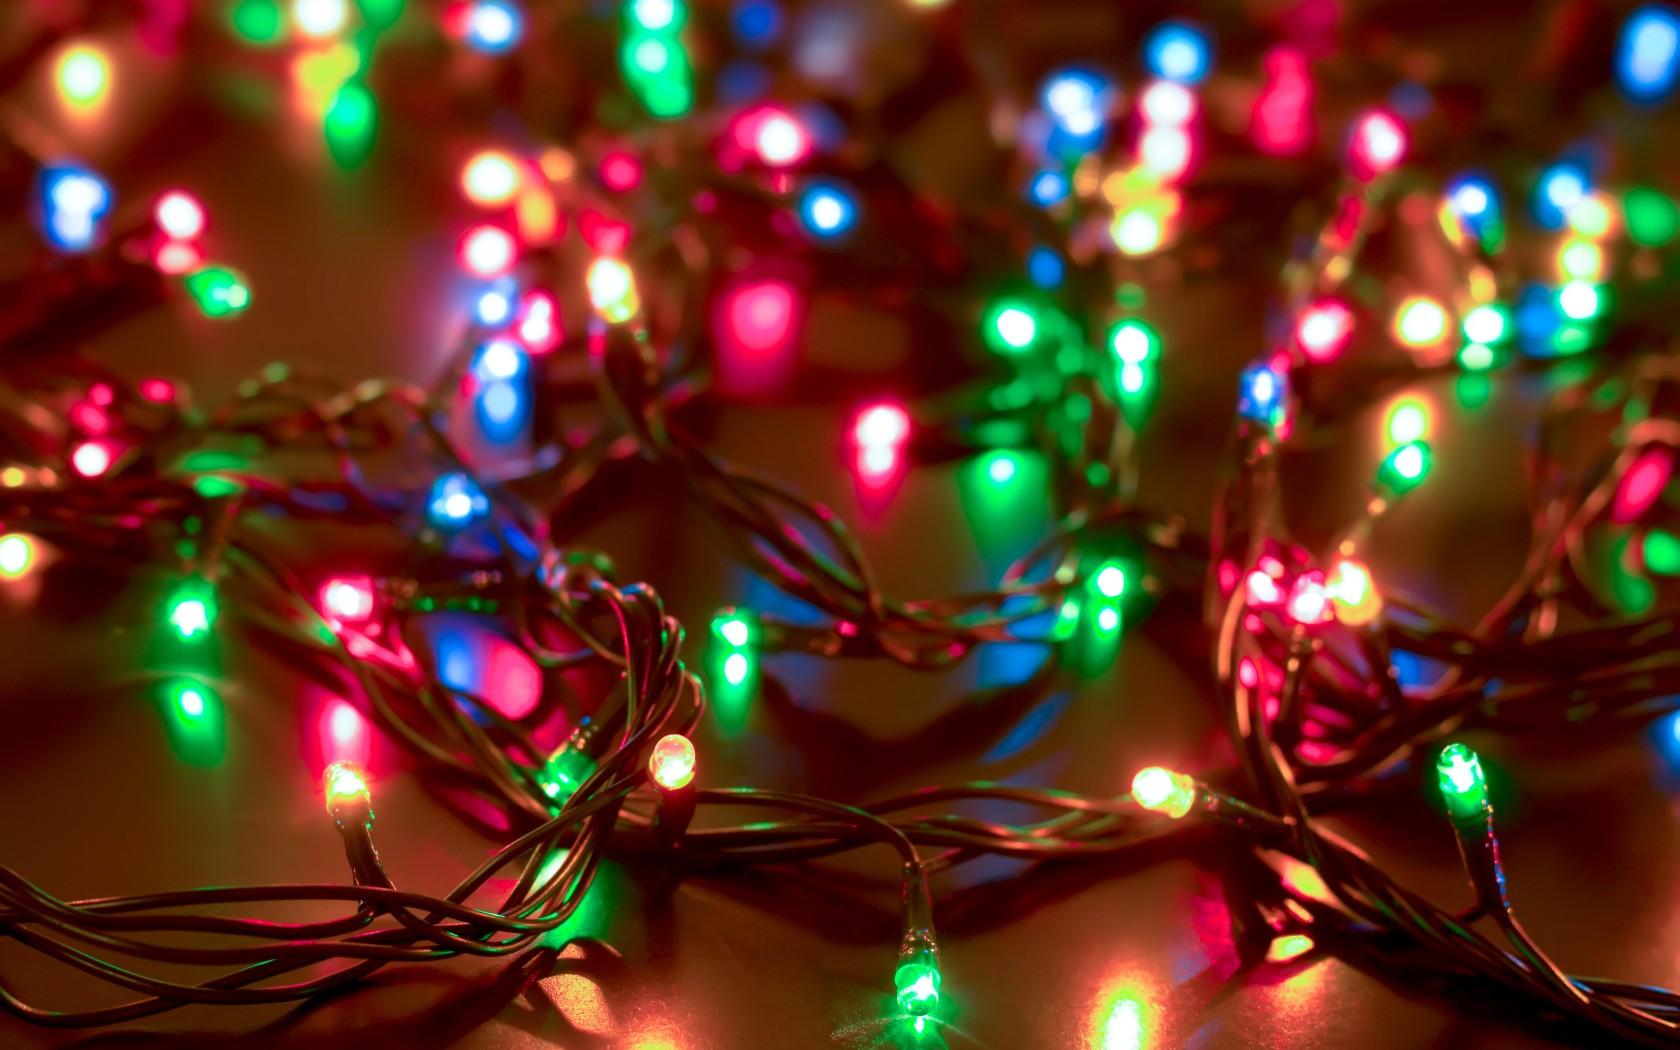 Світлодіодні гірлянди від Ledmafia — популярний вибір для святкового освітлення